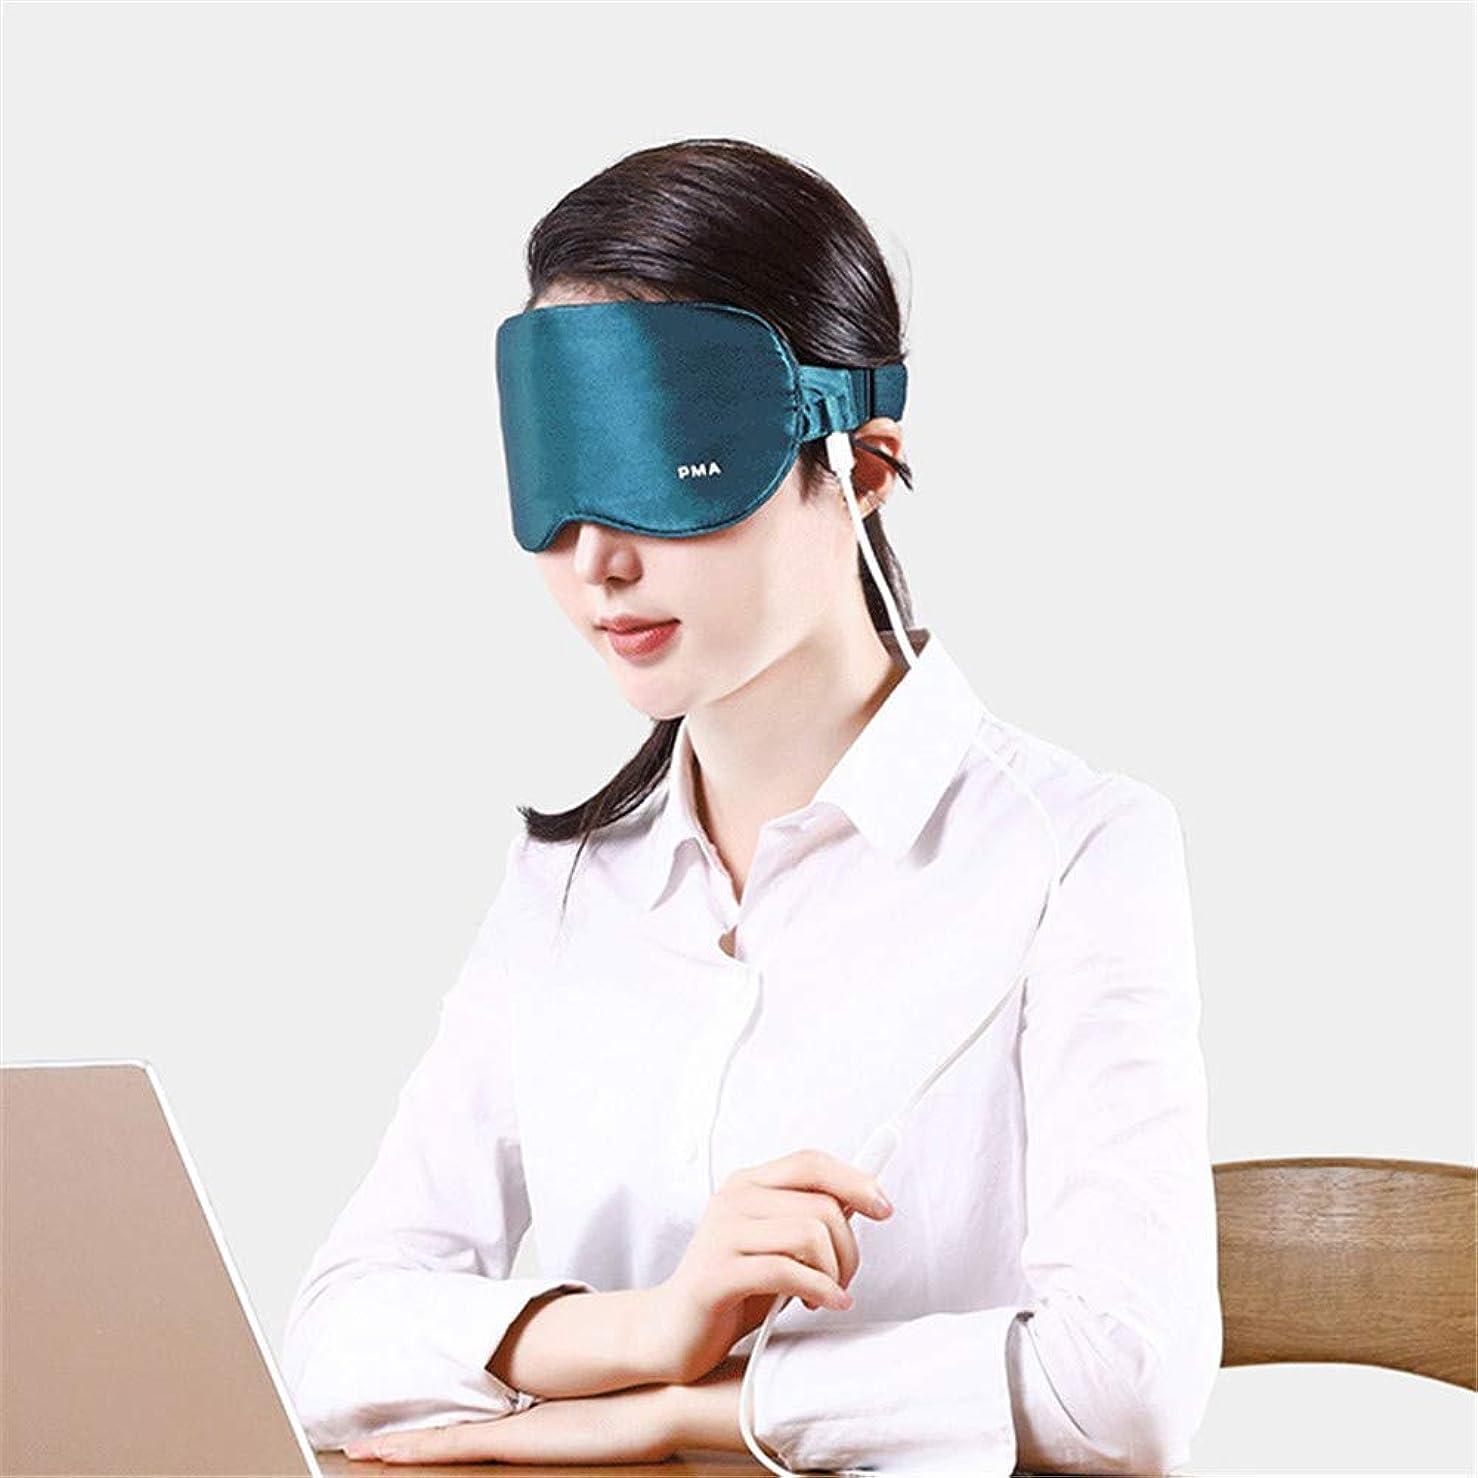 強盗ハロウィン弾丸注睡眠マスク睡眠アイマスクアイシェードカバーシェードアイパッチ女性男性ソフトポータブル目隠し旅行アイパッチアイケアツール